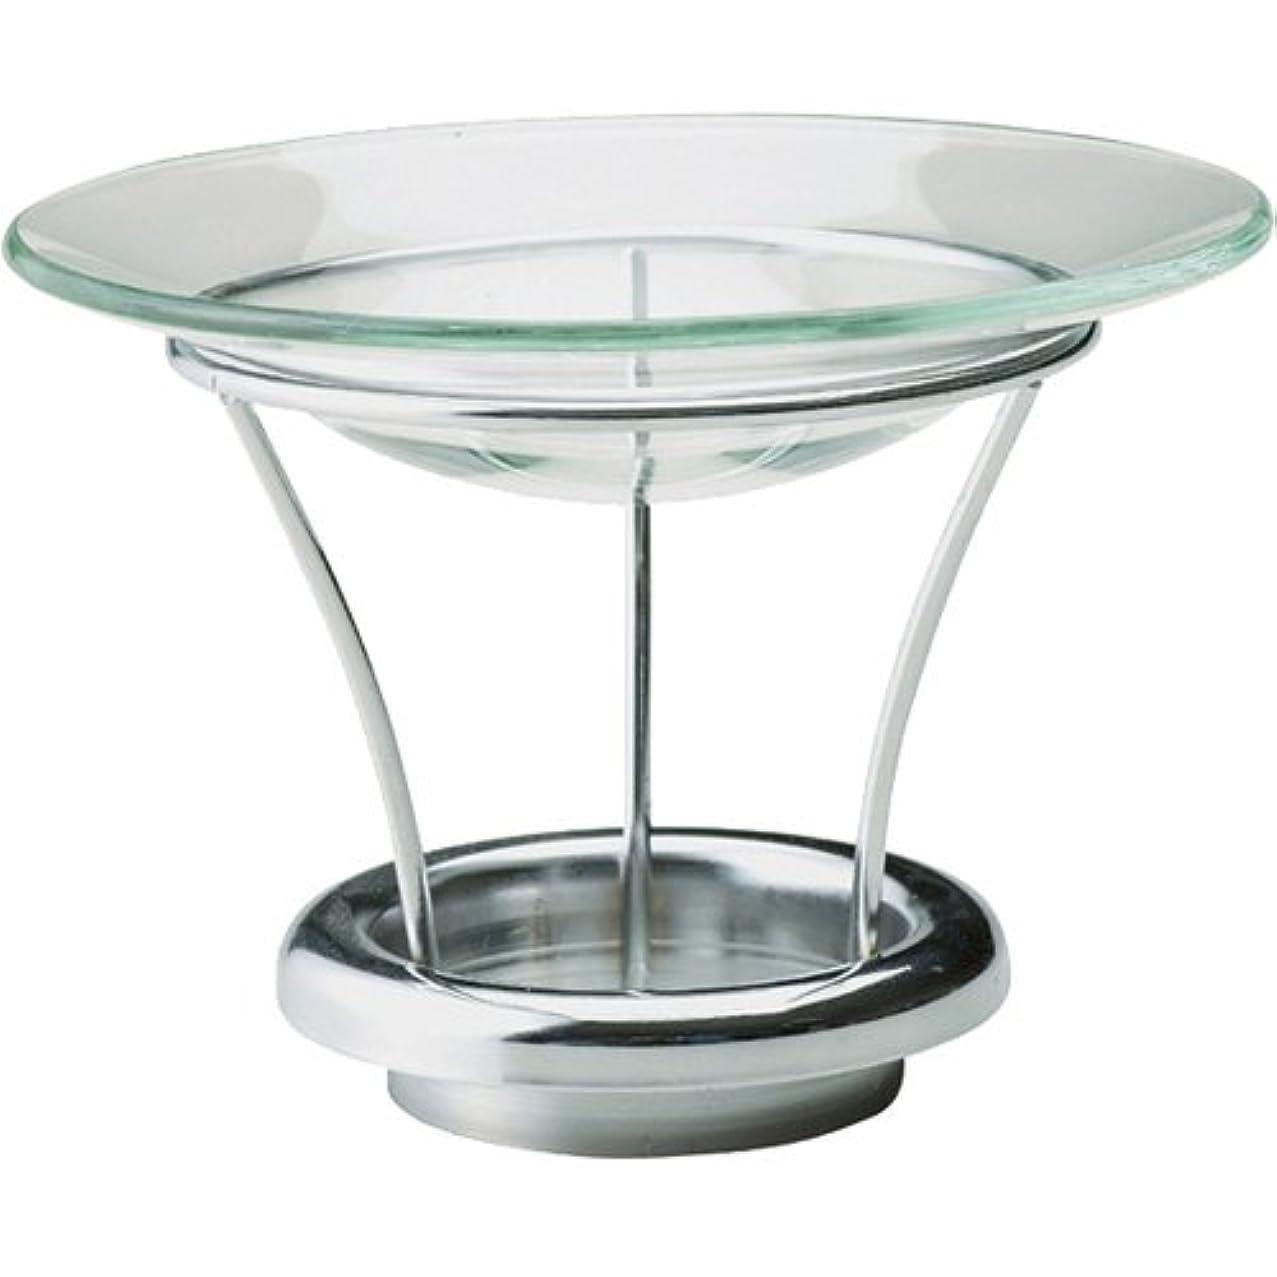 ヒューズ飢饉温度計カメヤマキャンドルハウス シルエットグラス用アロマウォーマーキット